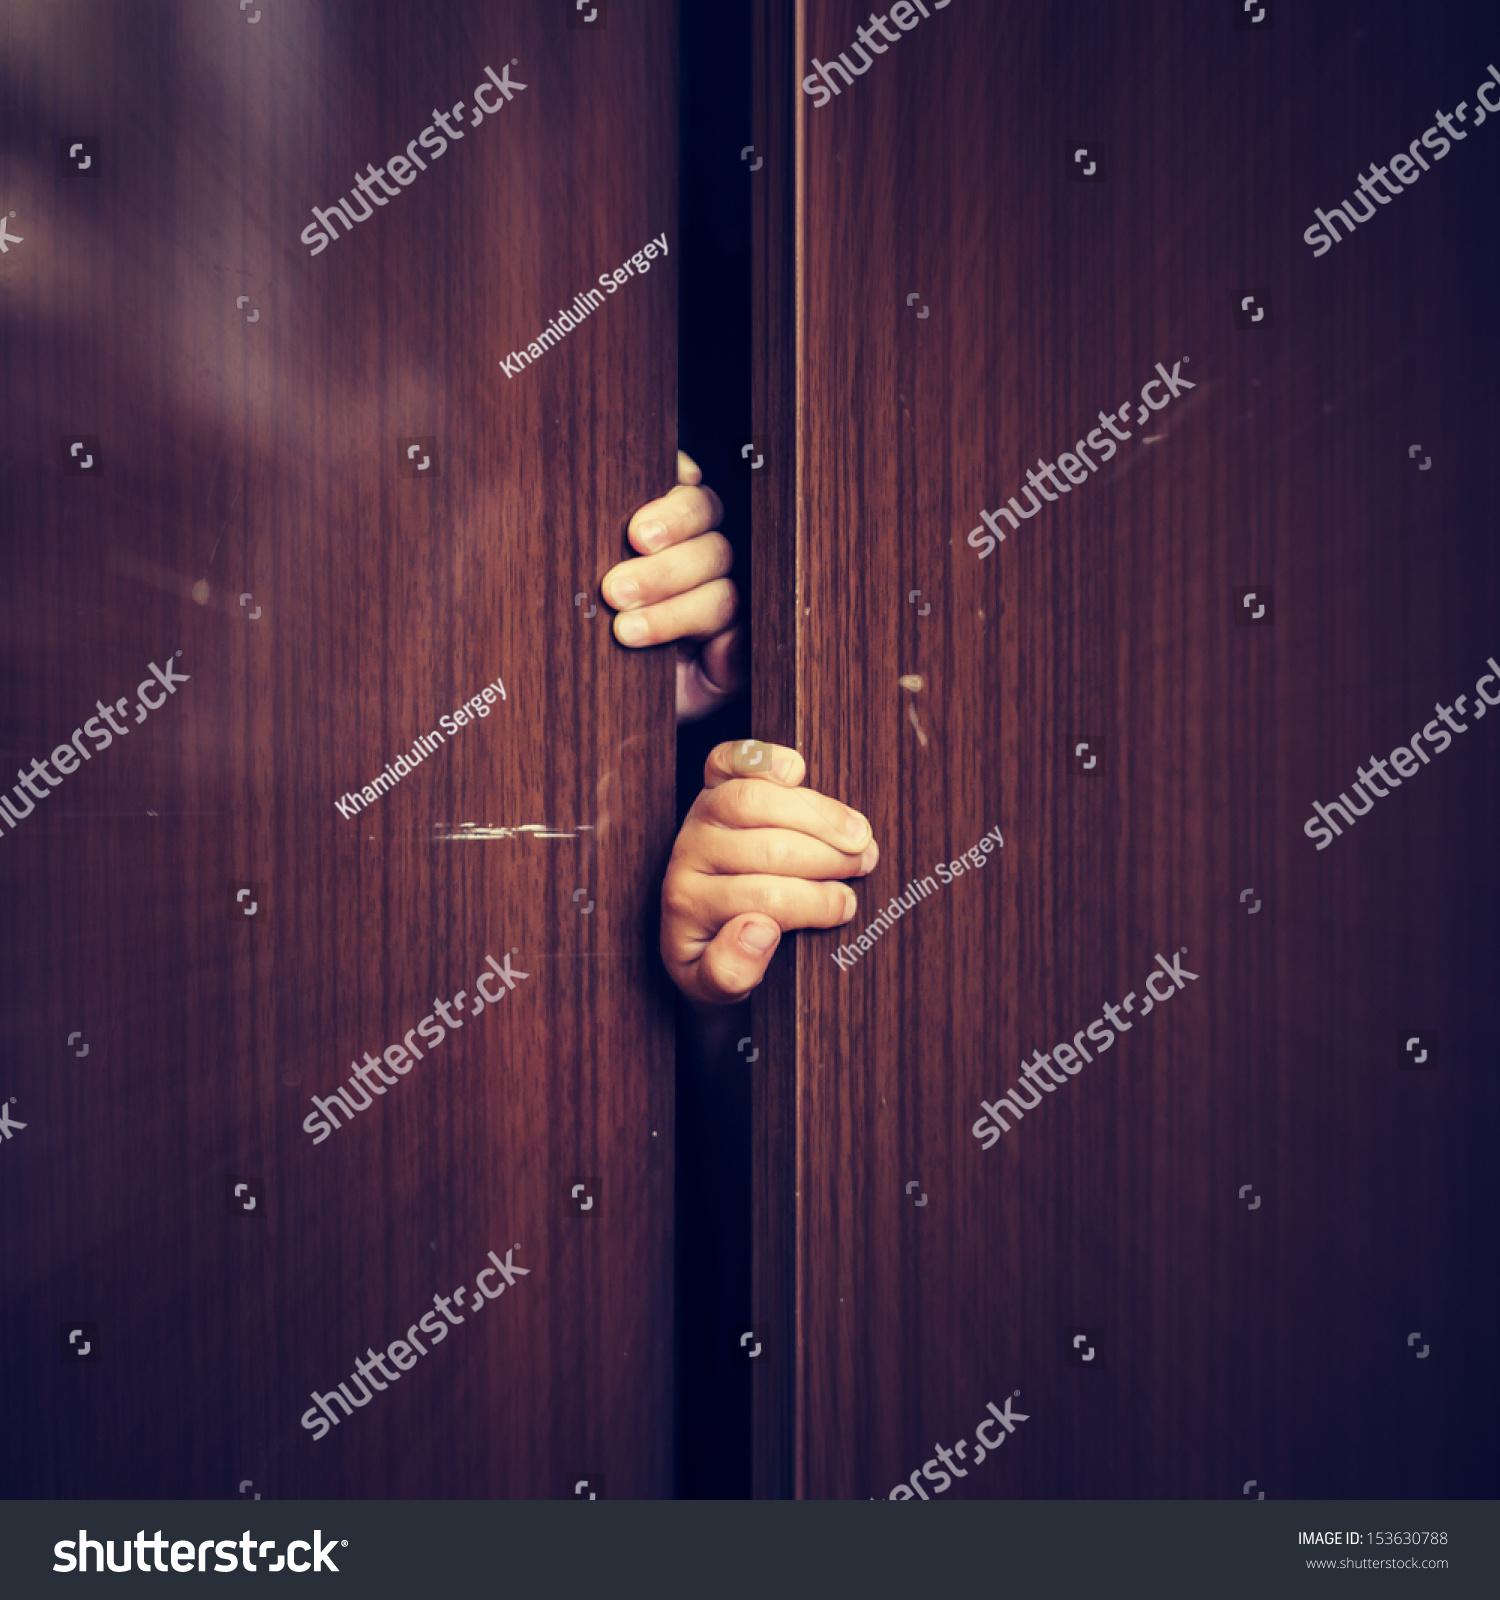 Hiding In The Closet Stock Photos - Image: 31570483